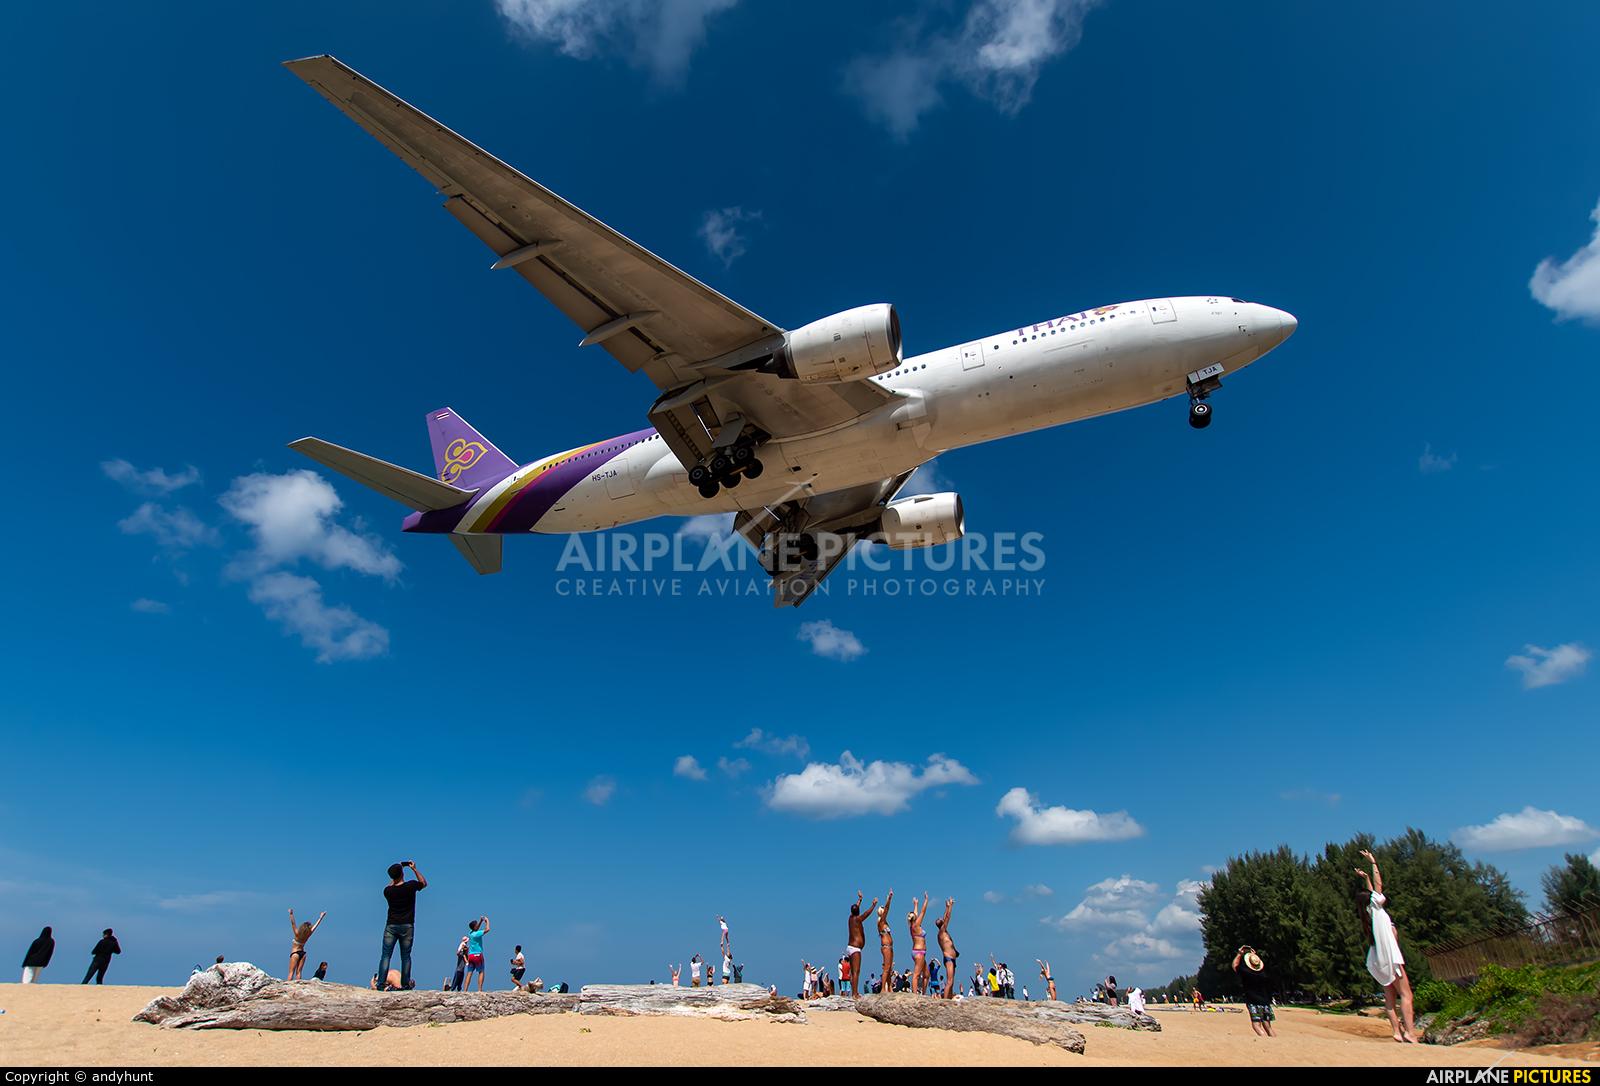 Thai Airways HS-TJA aircraft at Phuket